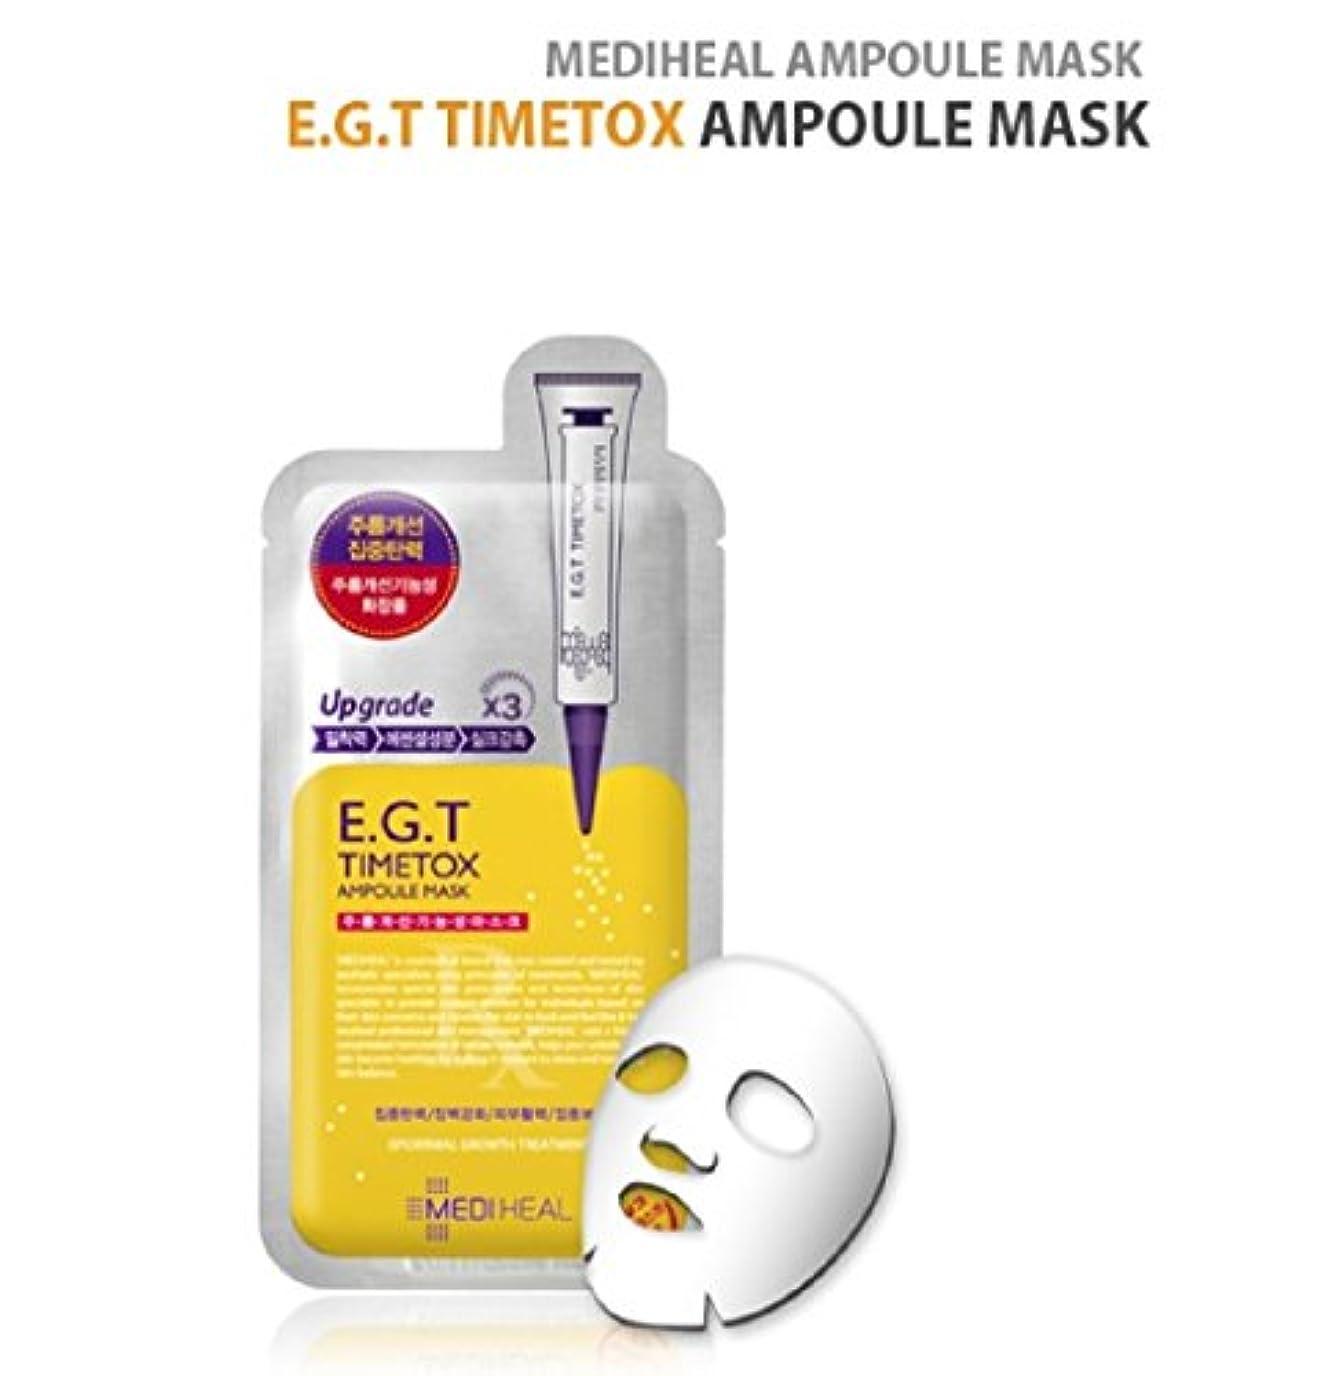 目を覚ますより良い船上【メディヒール】Timetoxアンプルマスクパック (10枚)5Upgrade MEDIHEAL E.G.T Timetox Ampule Mask Pack REX 10 piece [並行輸入品]